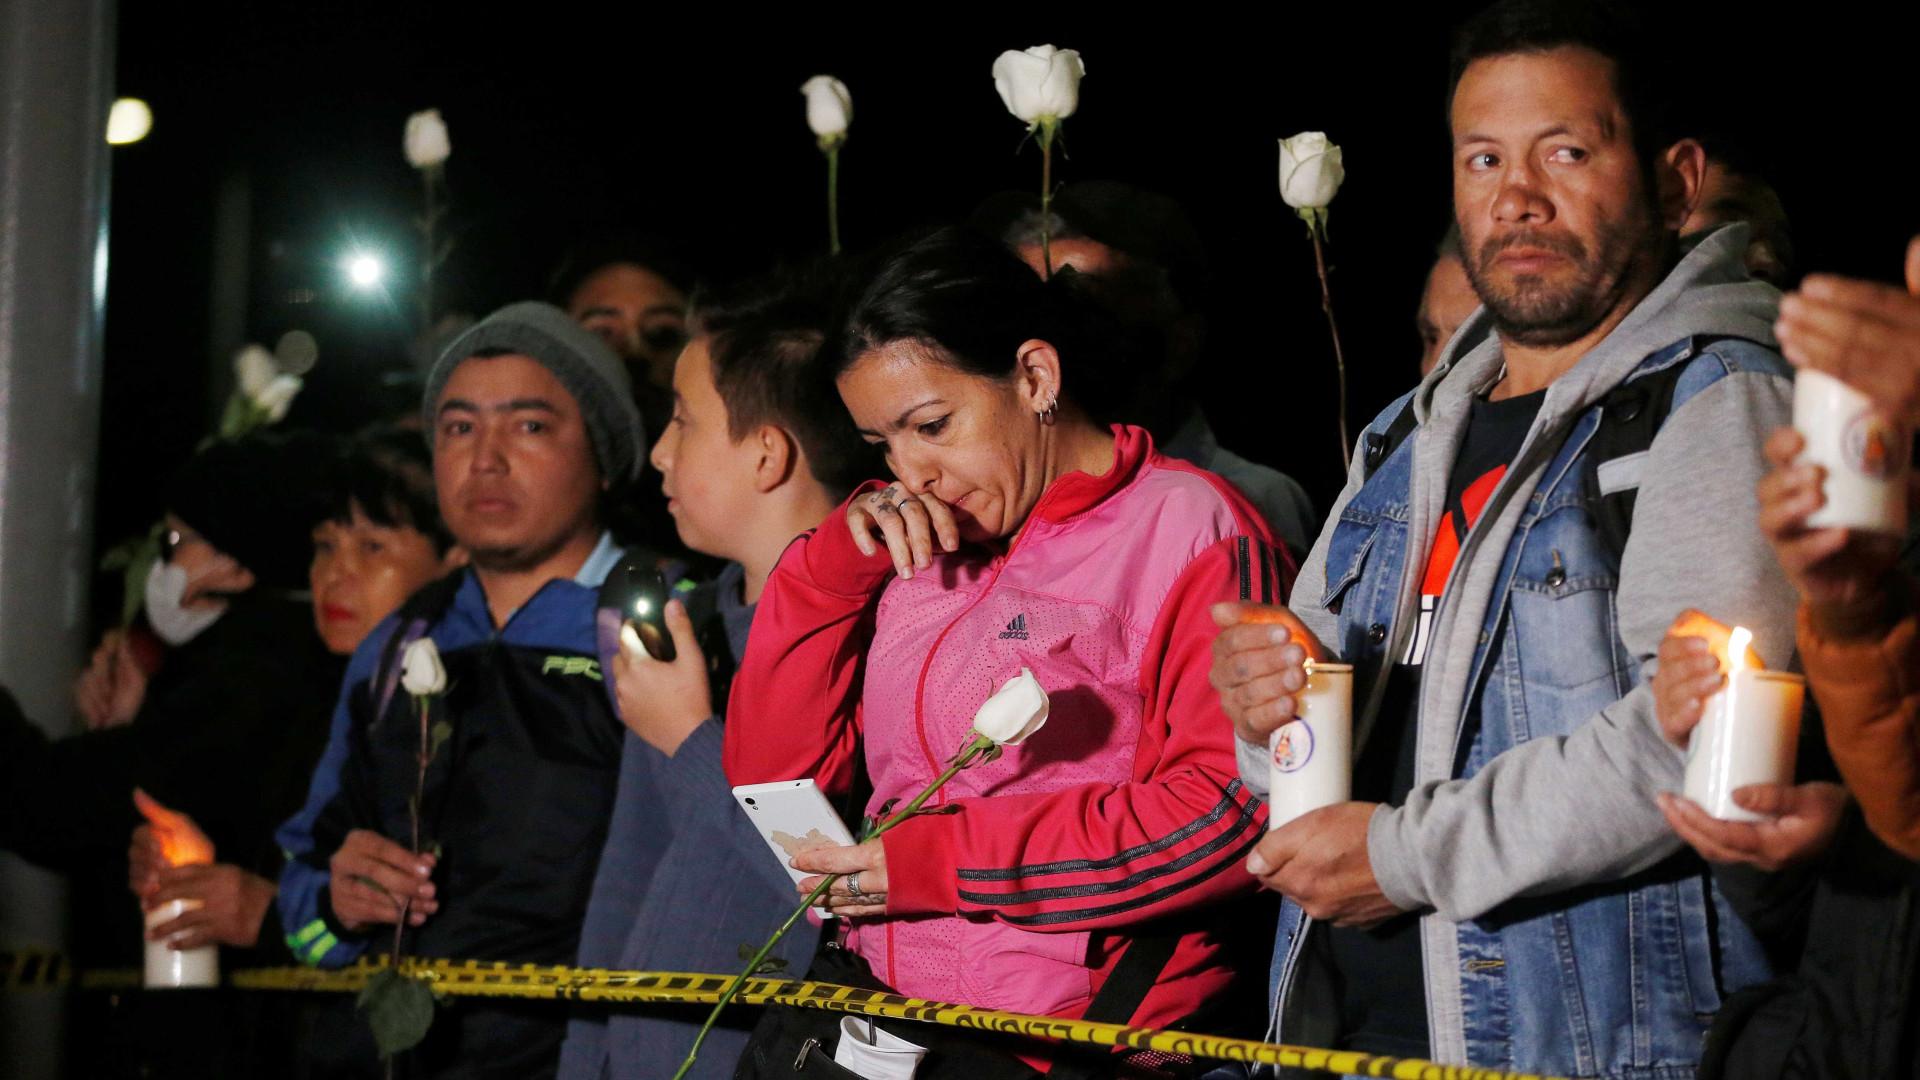 Número de mortos em ataque em Bogotá sobe para 21